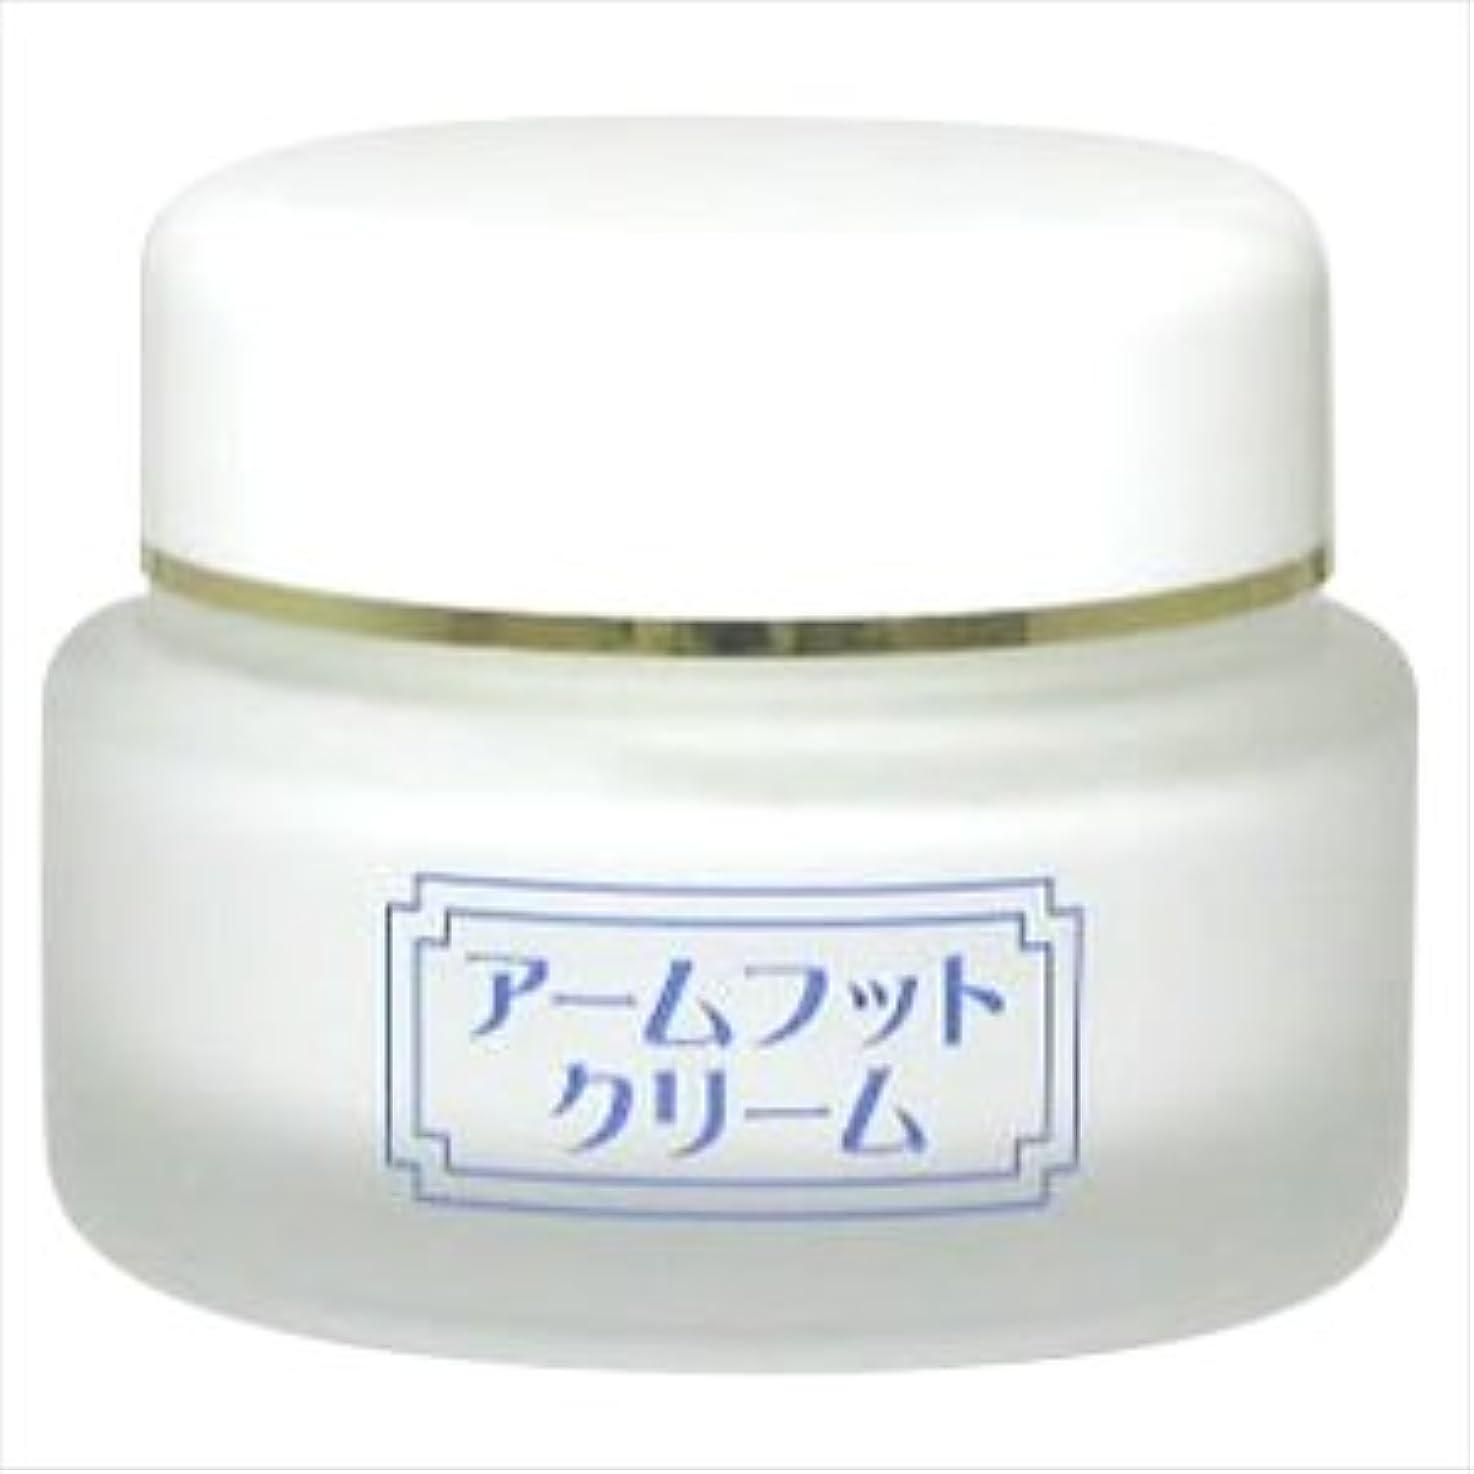 じゃない立場ドラム薬用デオドラントクリーム アームフットクリーム(20g) (1個)